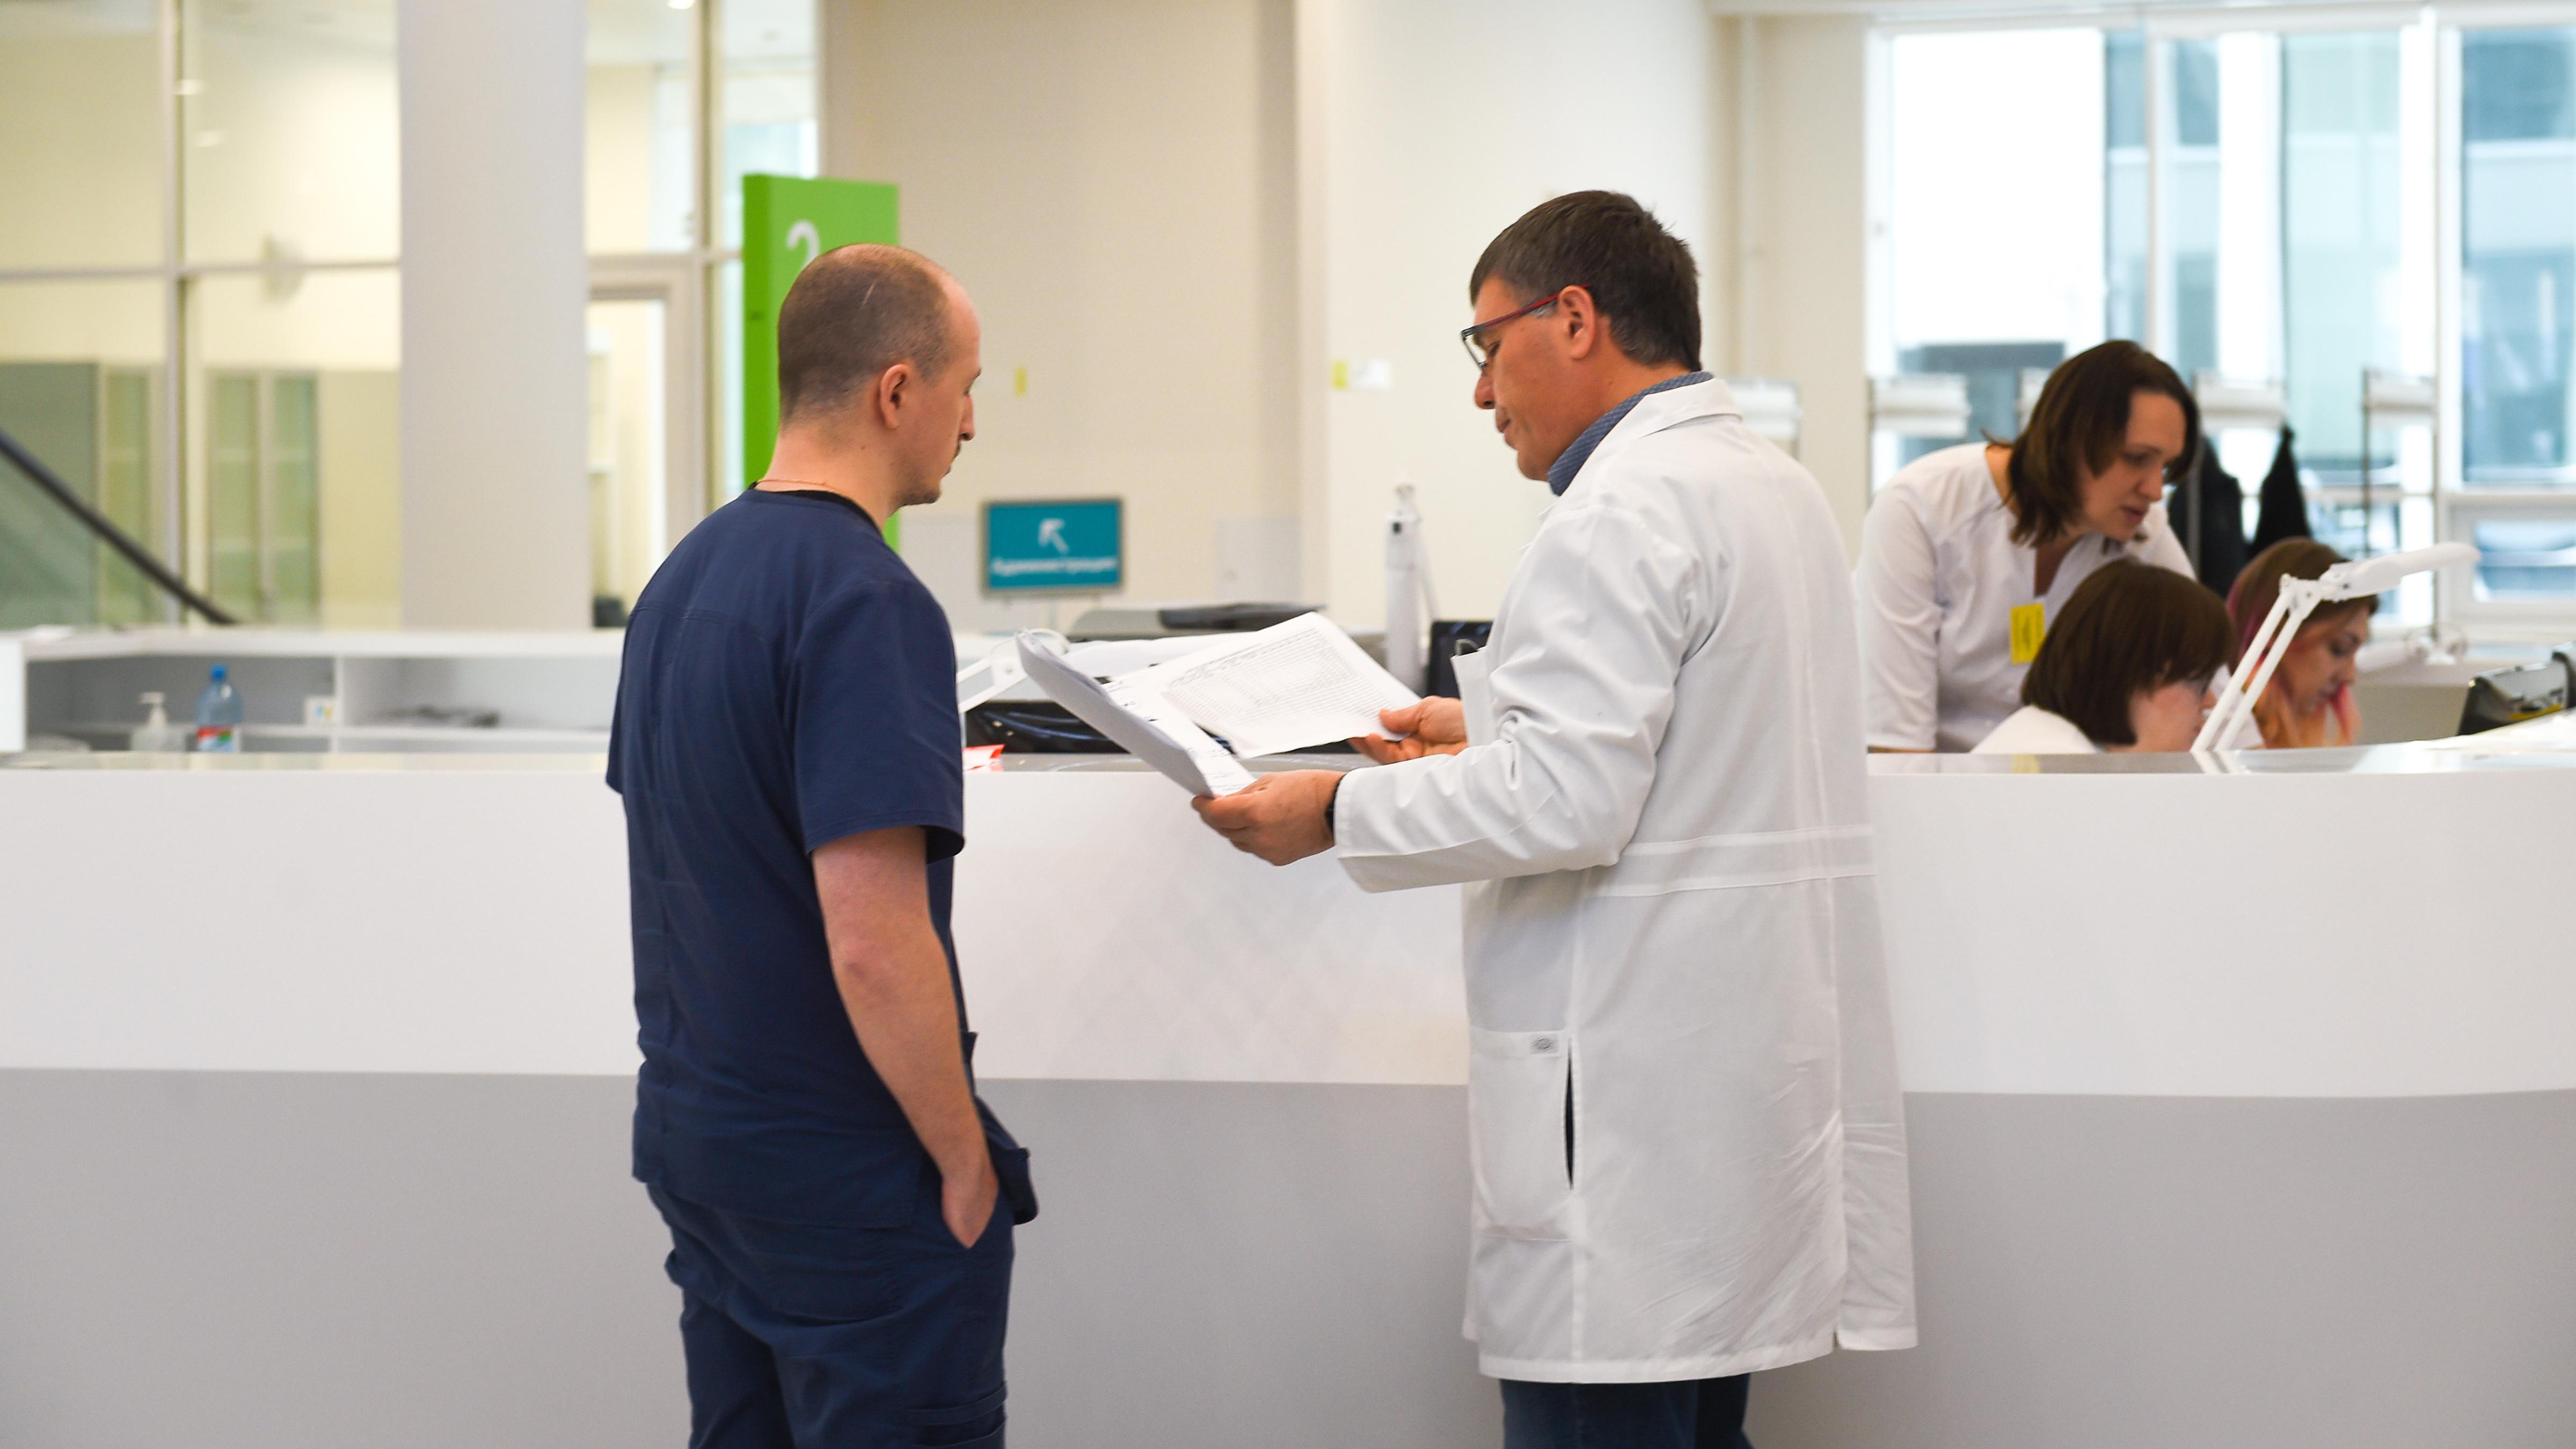 Определены округа Подмосковья, в которых выявили больше всего случаев коронавируса за сутки